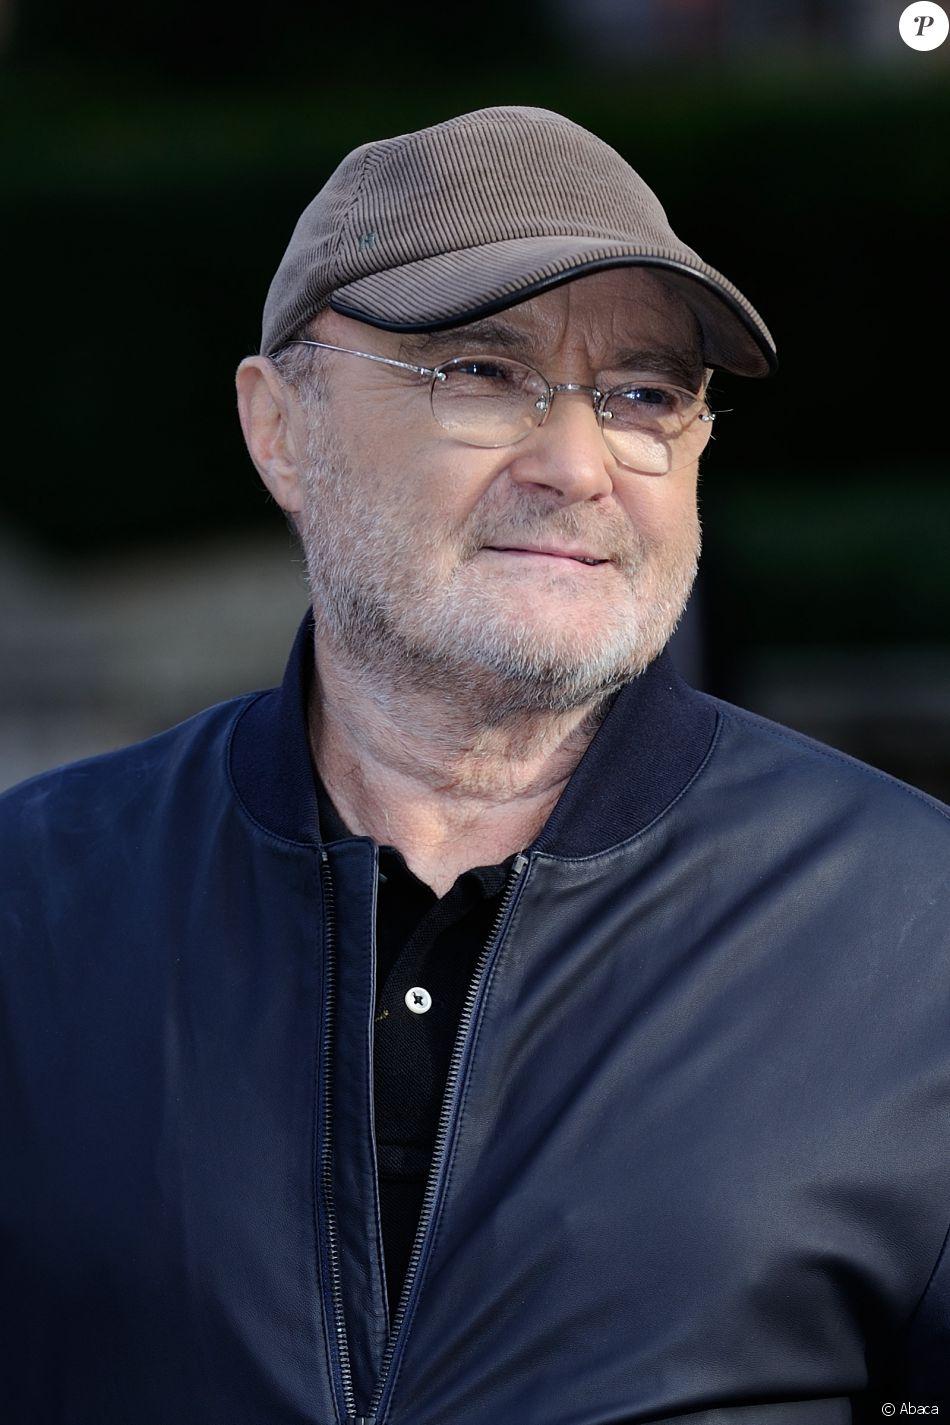 Phil Collins lors du photocall de sa conférence de presse pour sa tournée 'Not Dead Yet' au Royal Albert Hall à Londres le 17 octobre 2016